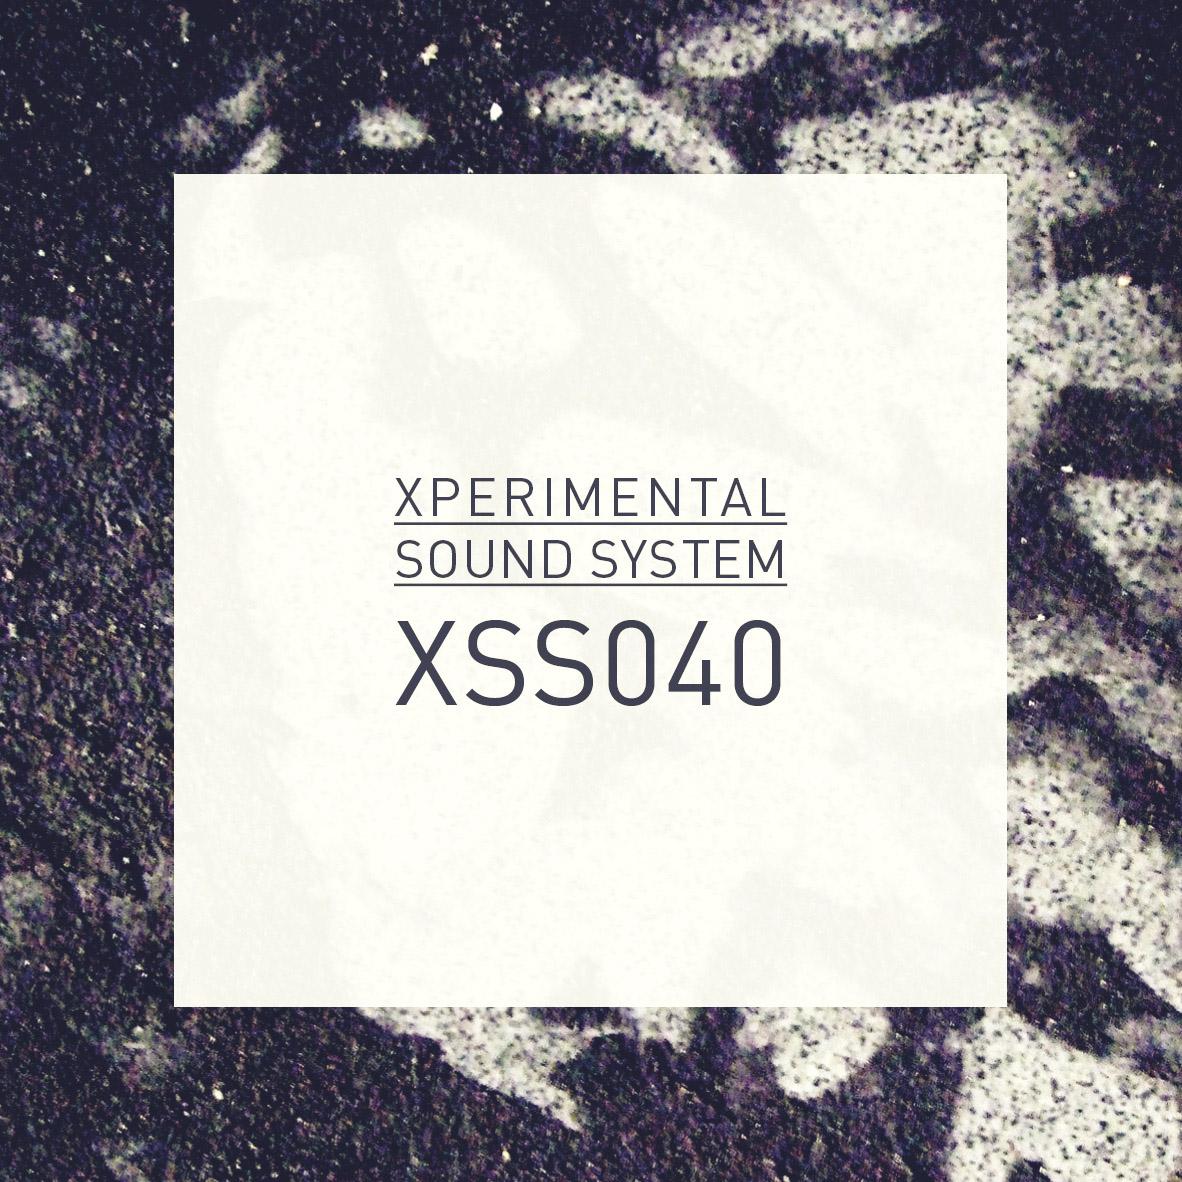 XSS040